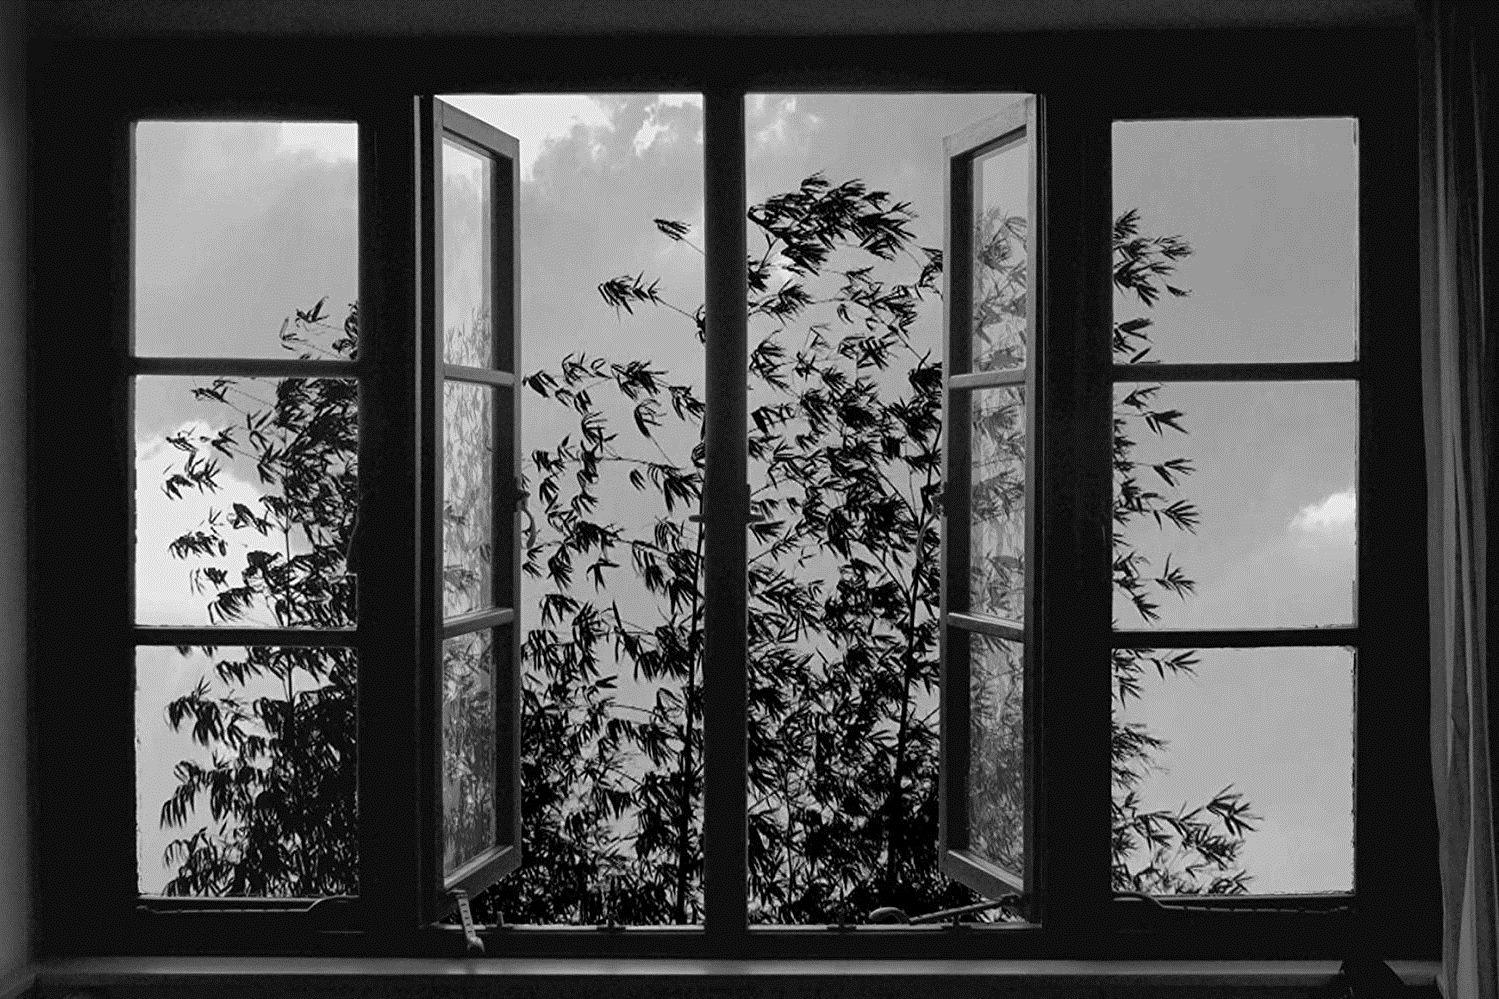 24 Frames (2017): Kiyarüstemi'den Suskun Bir Veda Hutbesi